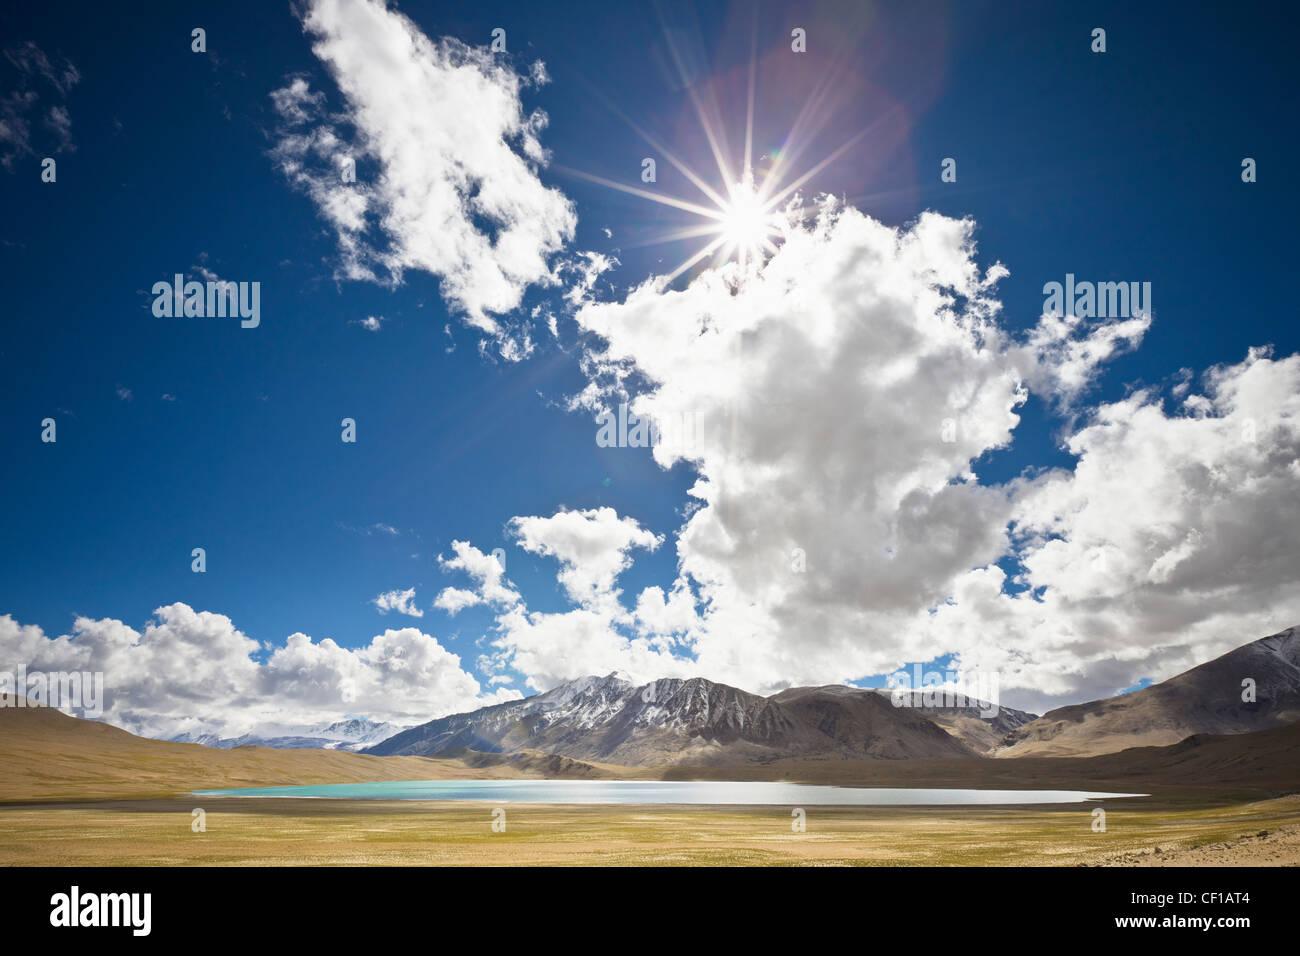 Soleil et de nuages au-dessus d'un lac et montagnes; Ladakh Jammu-et-Cachemire en Inde Photo Stock